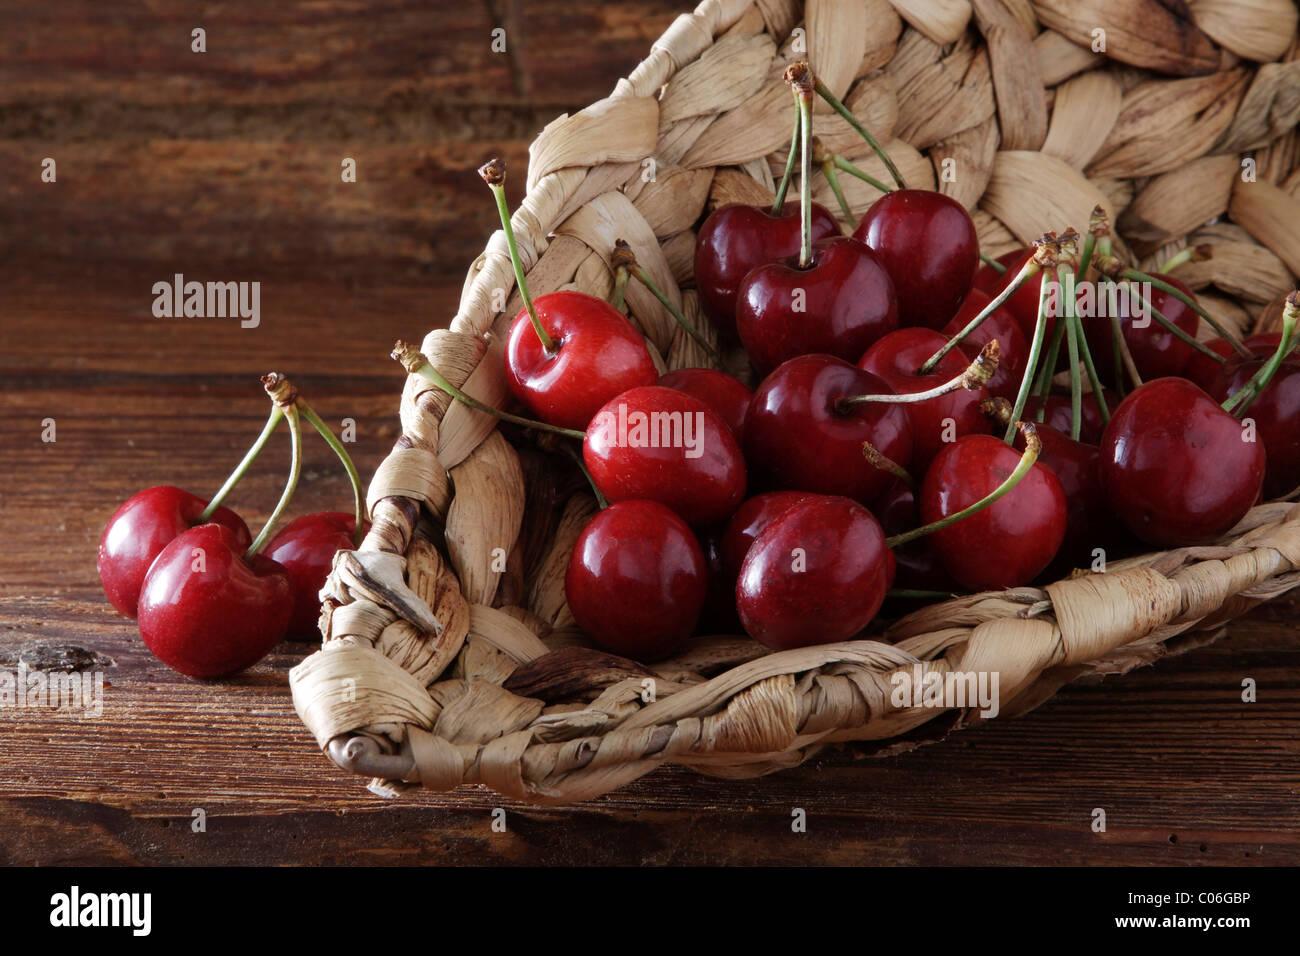 Cherries (Prunus) in a wicker basket on rustic wood - Stock Image